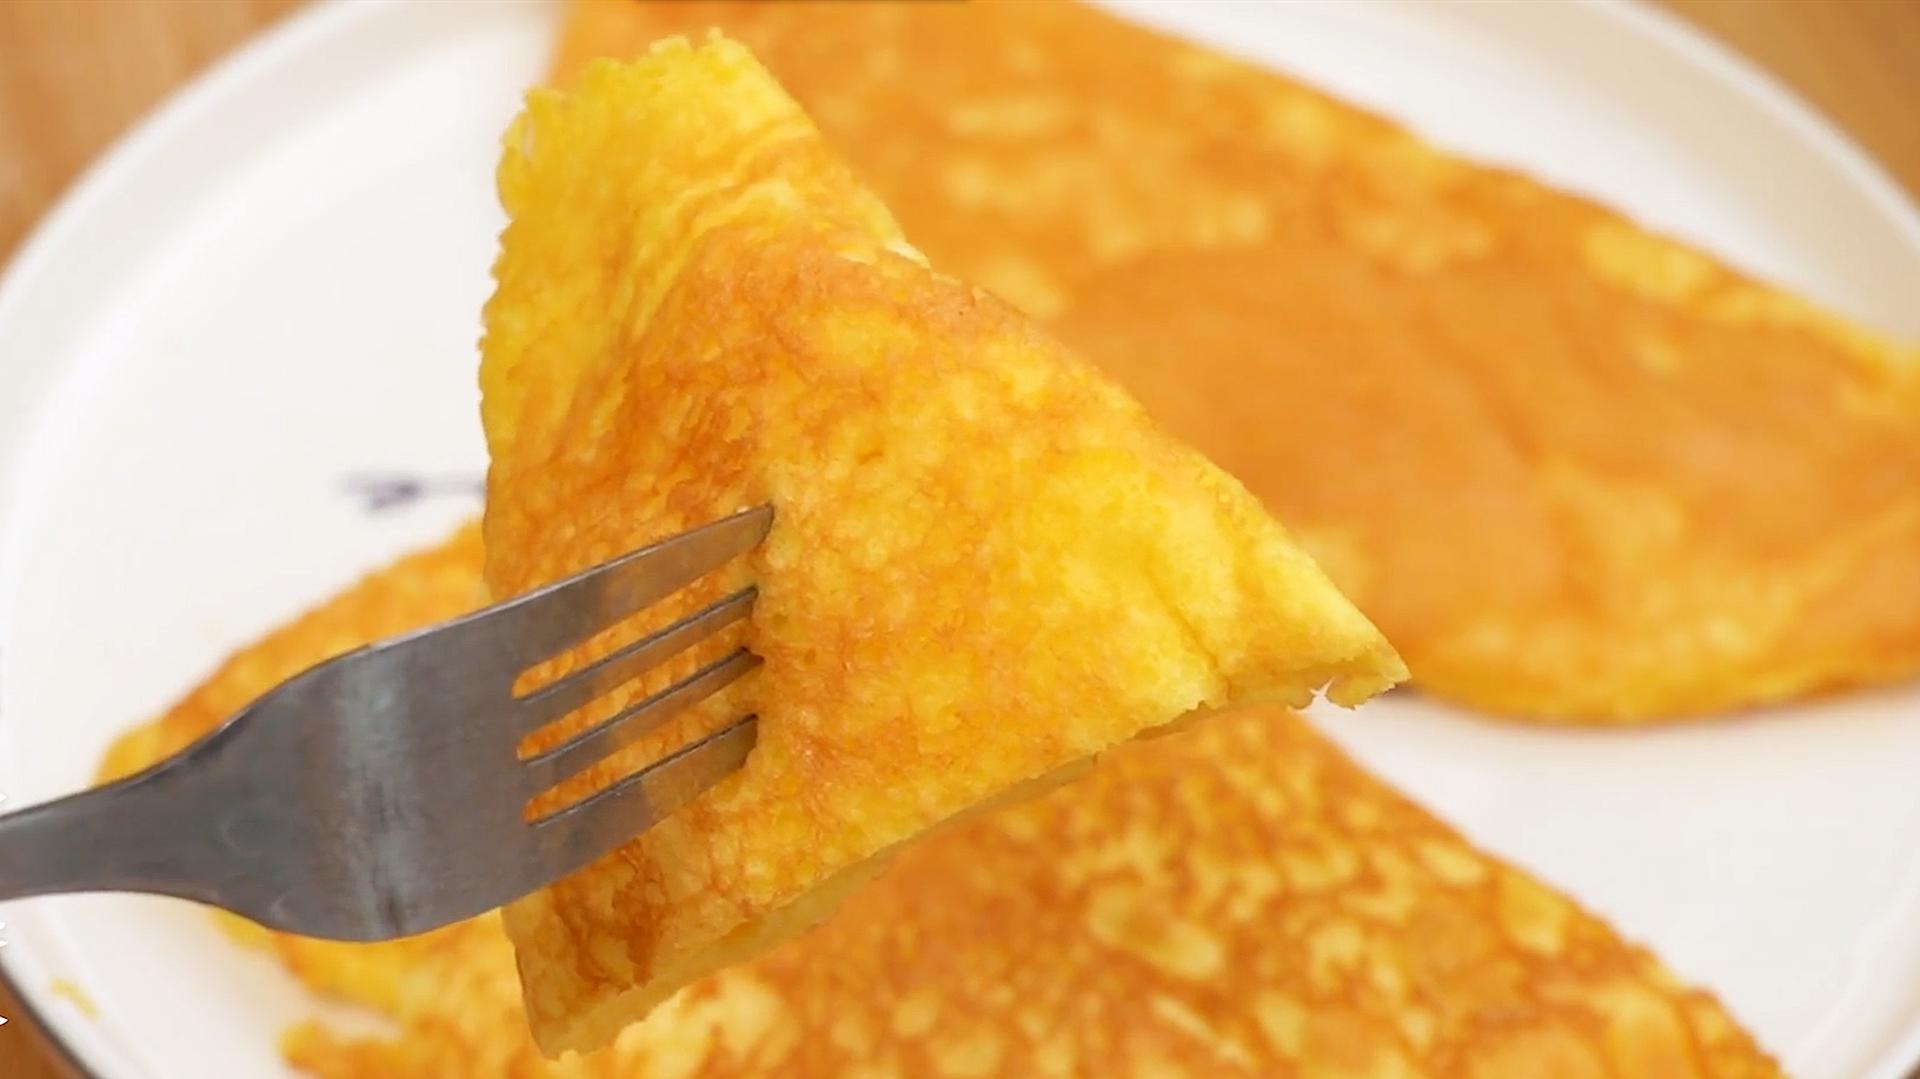 3个鸡蛋不加面粉,教你做早餐,比烙饼简单,绵软细腻,入口即化 美食做法 第2张